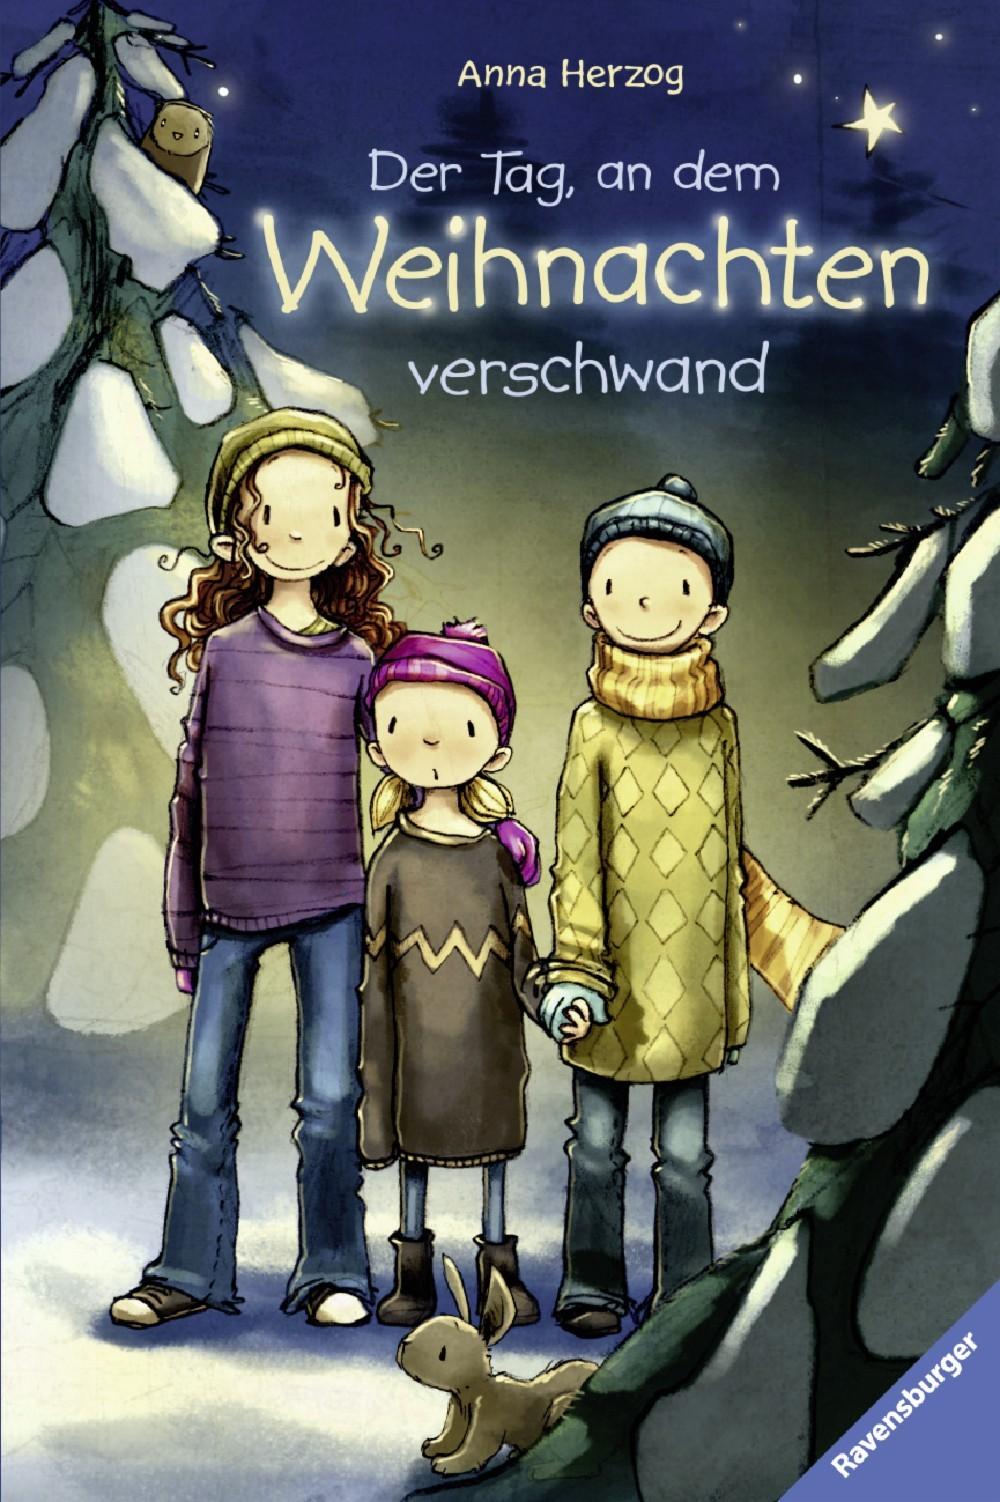 Frohe Weihnachten, Zwiebelchen! - Kinderbuchlesen.de